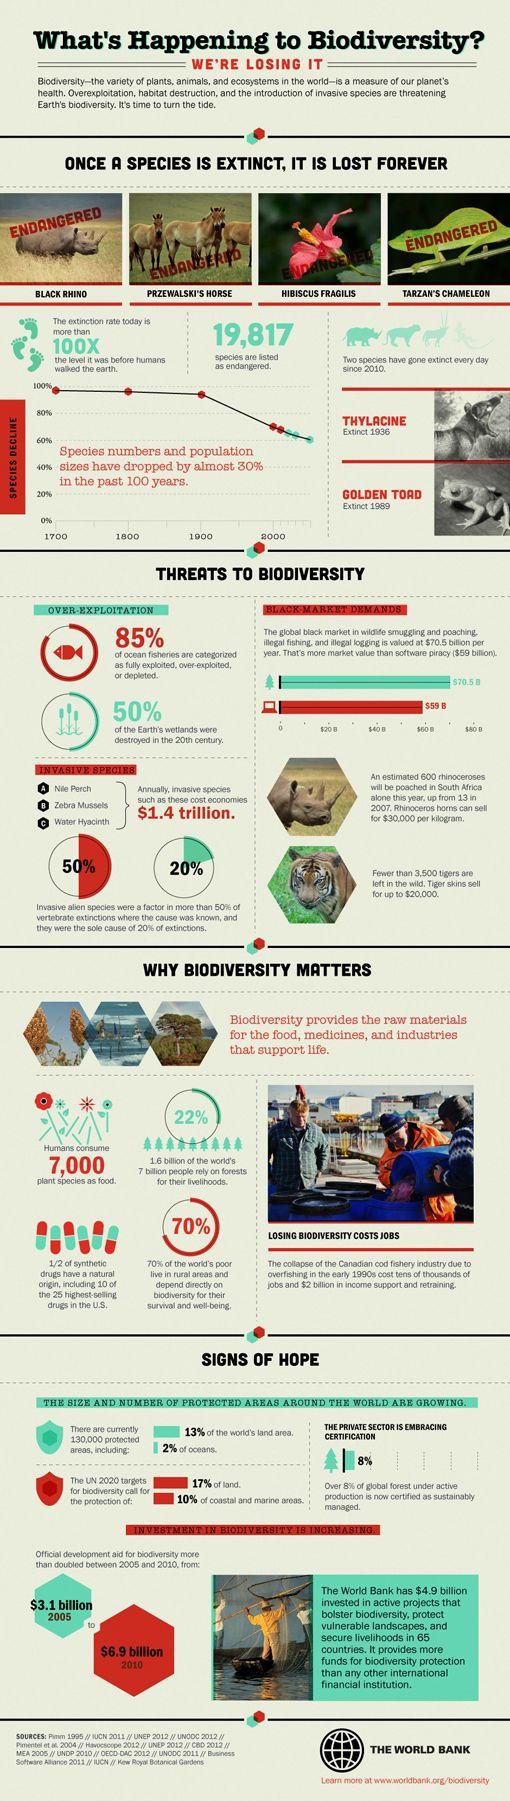 ¿Qué está pasando con la biodiversidad?